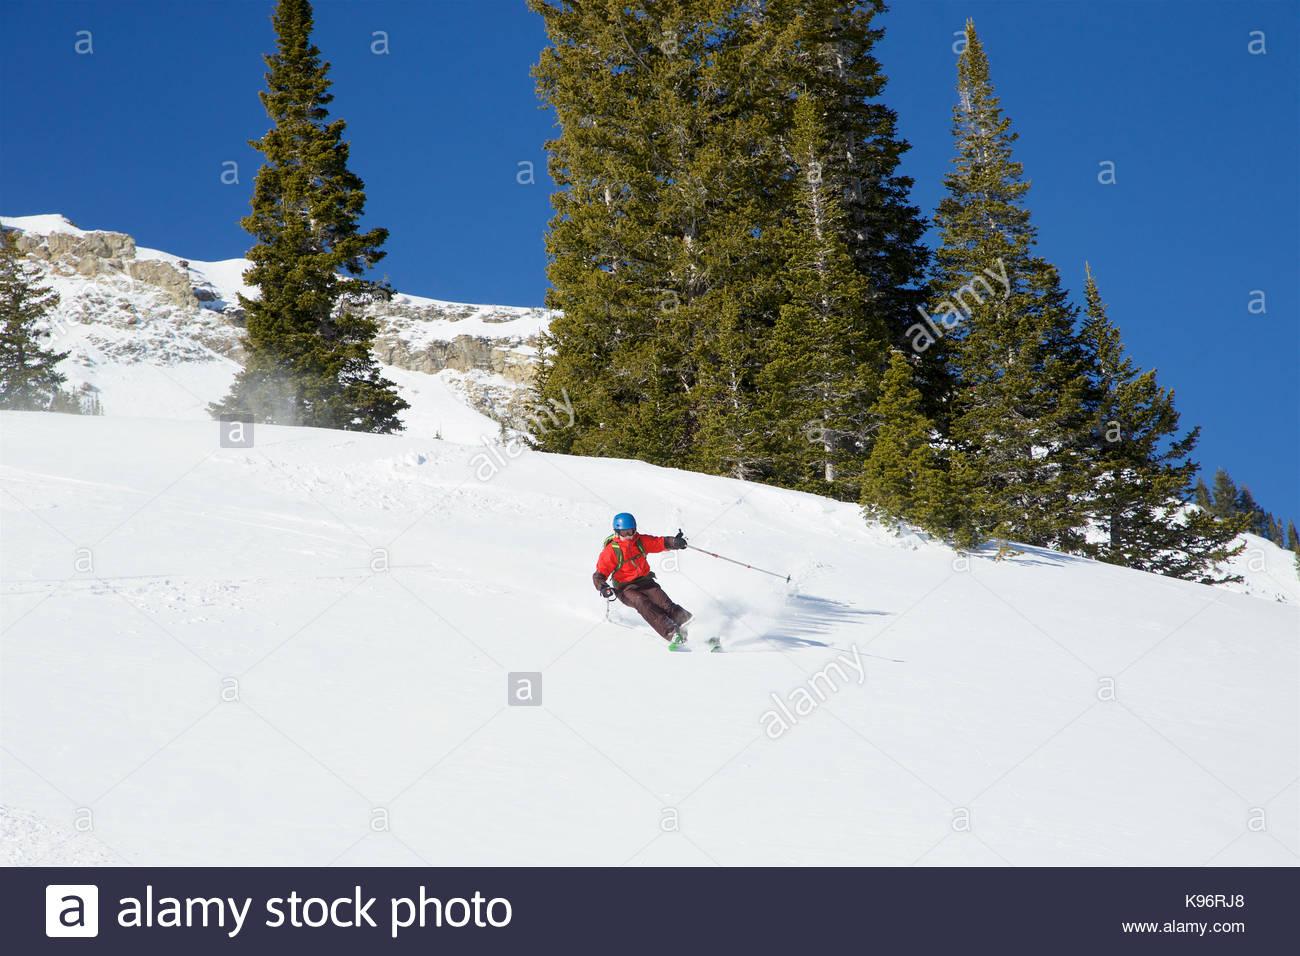 Ein jugendlich Junge skifahren Neuschnee an einem sonnigen Tag nach einem Sturm. Stockbild